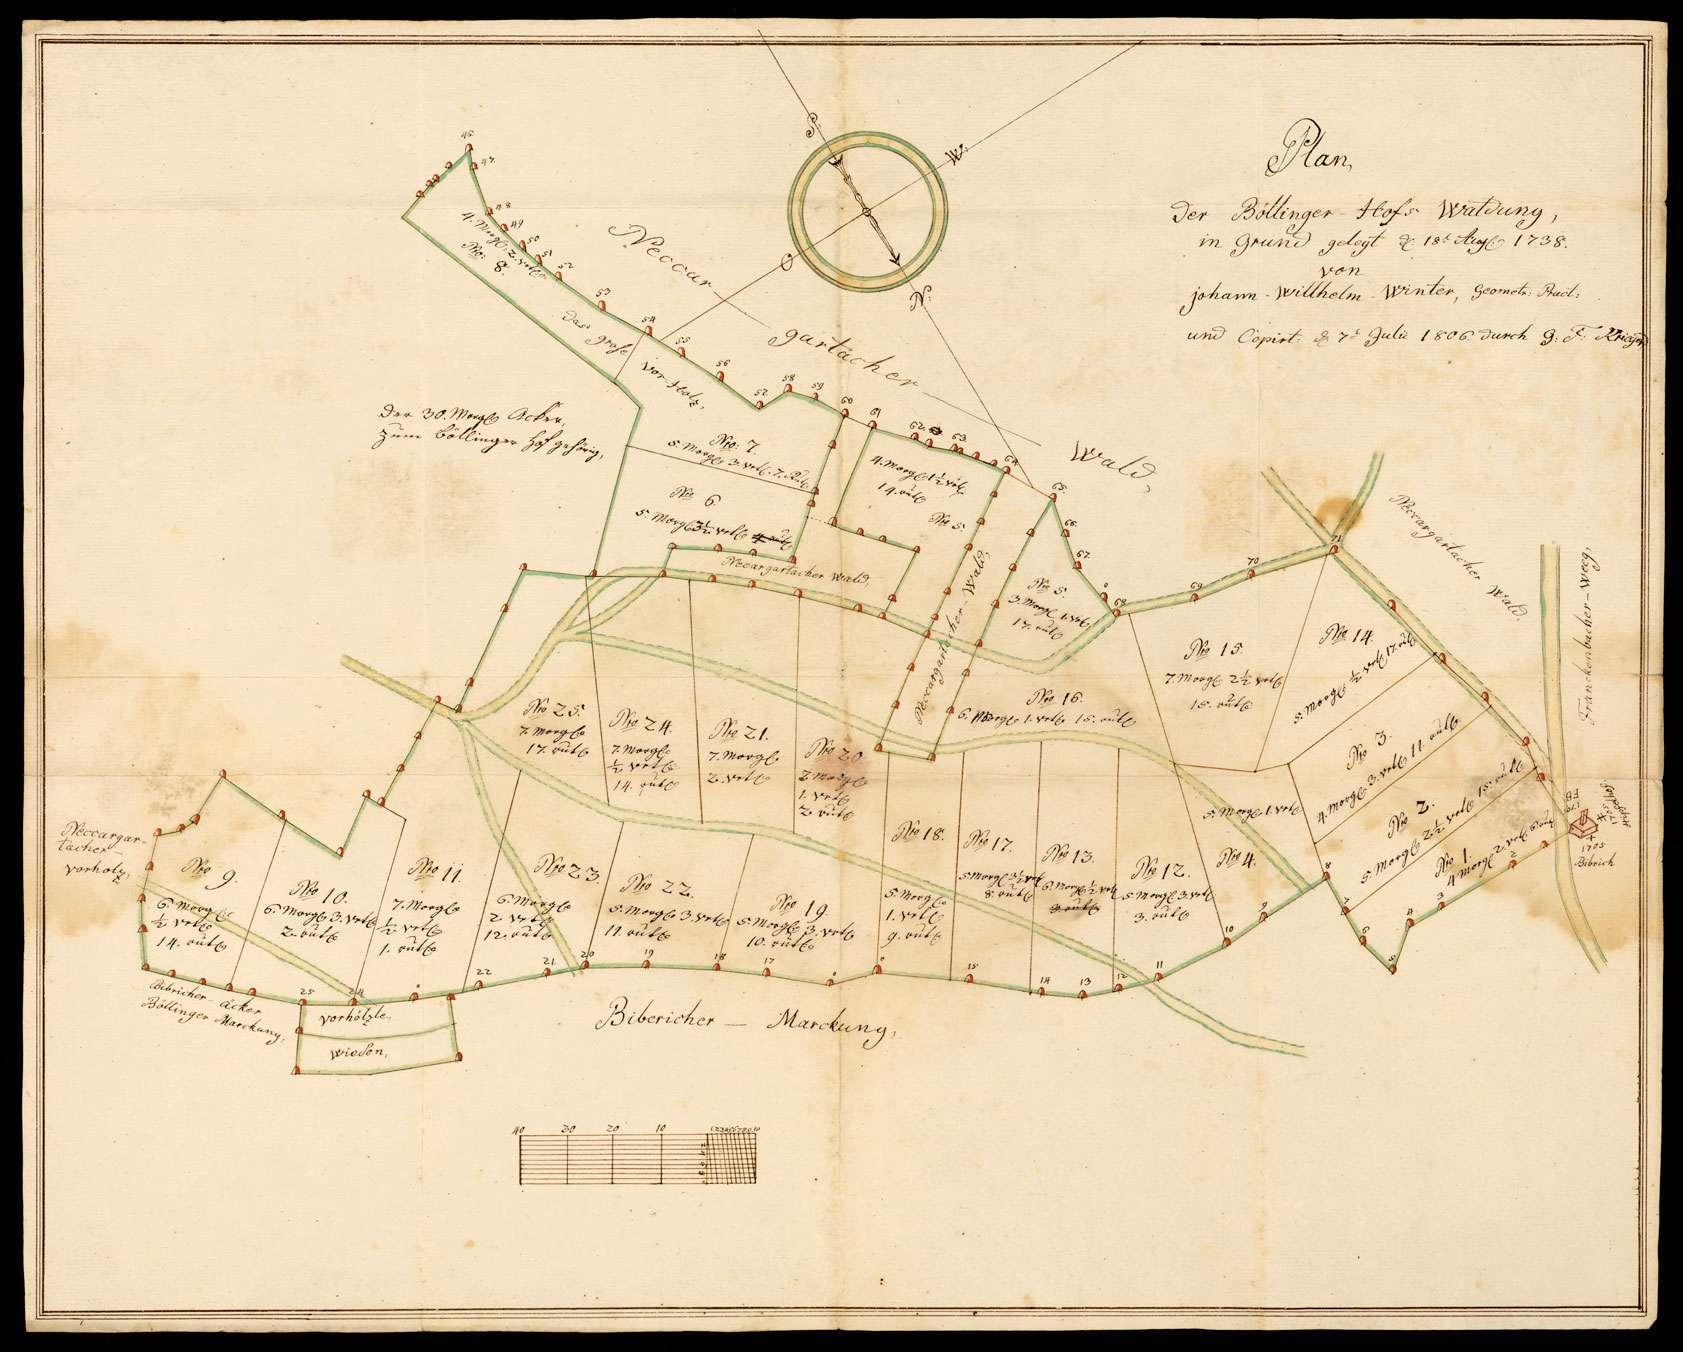 """[Forstamt Neuenstadt] """"Plan der Böllinger Hofs-Waldung, gelegt den 18. August 1738 von Johann Wilhelm Winter, geometrischer Praktikant und kopiert den 7. Juli 1806 durch G.F. Krieger"""" [Waldungen bei Neckargartach und Biberach], Bild 1"""